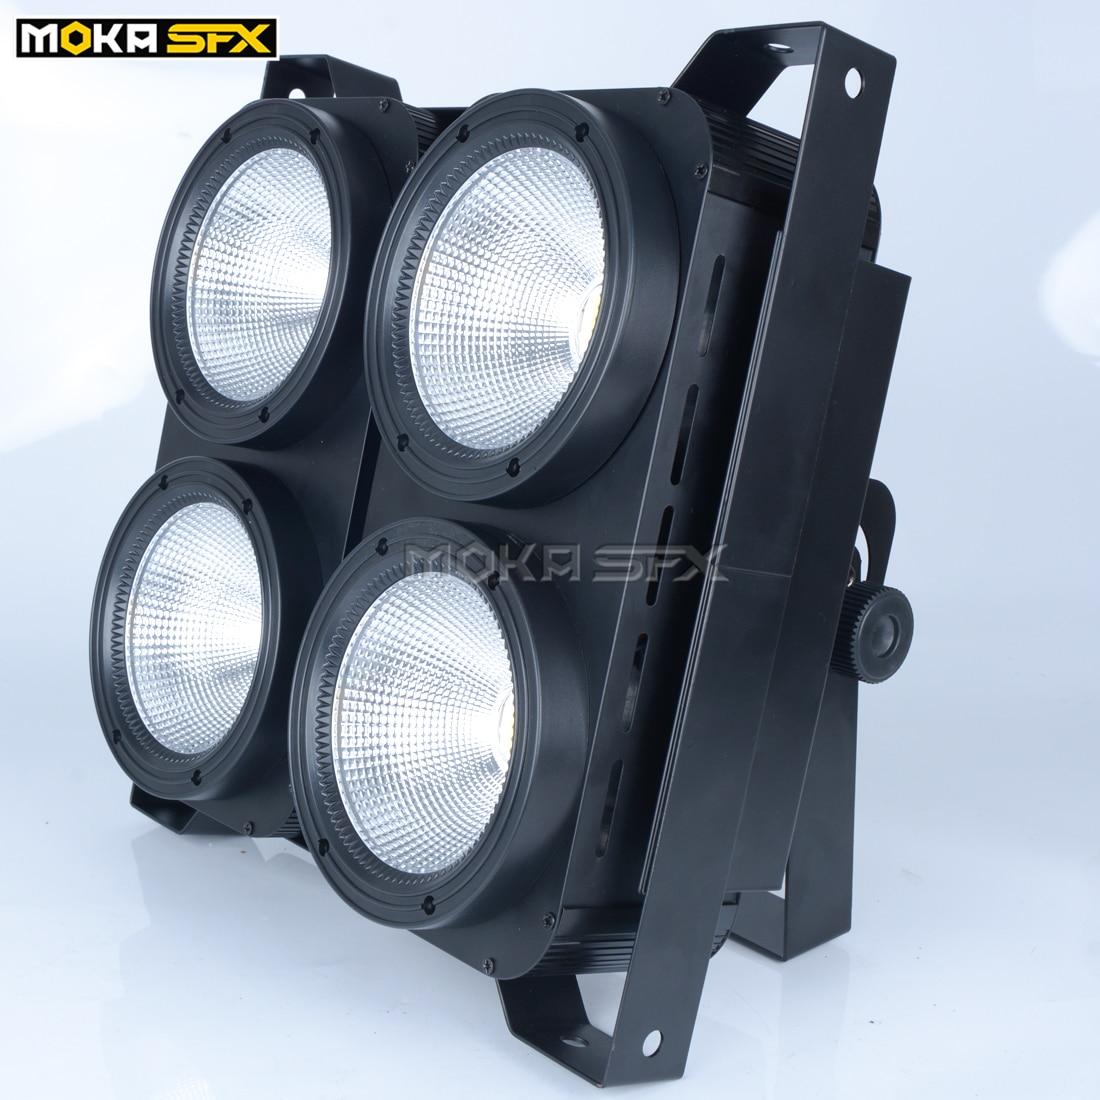 1 шт. / Лот 4 очі 100 Вт світлодіодна - Комерційне освітлення - фото 2